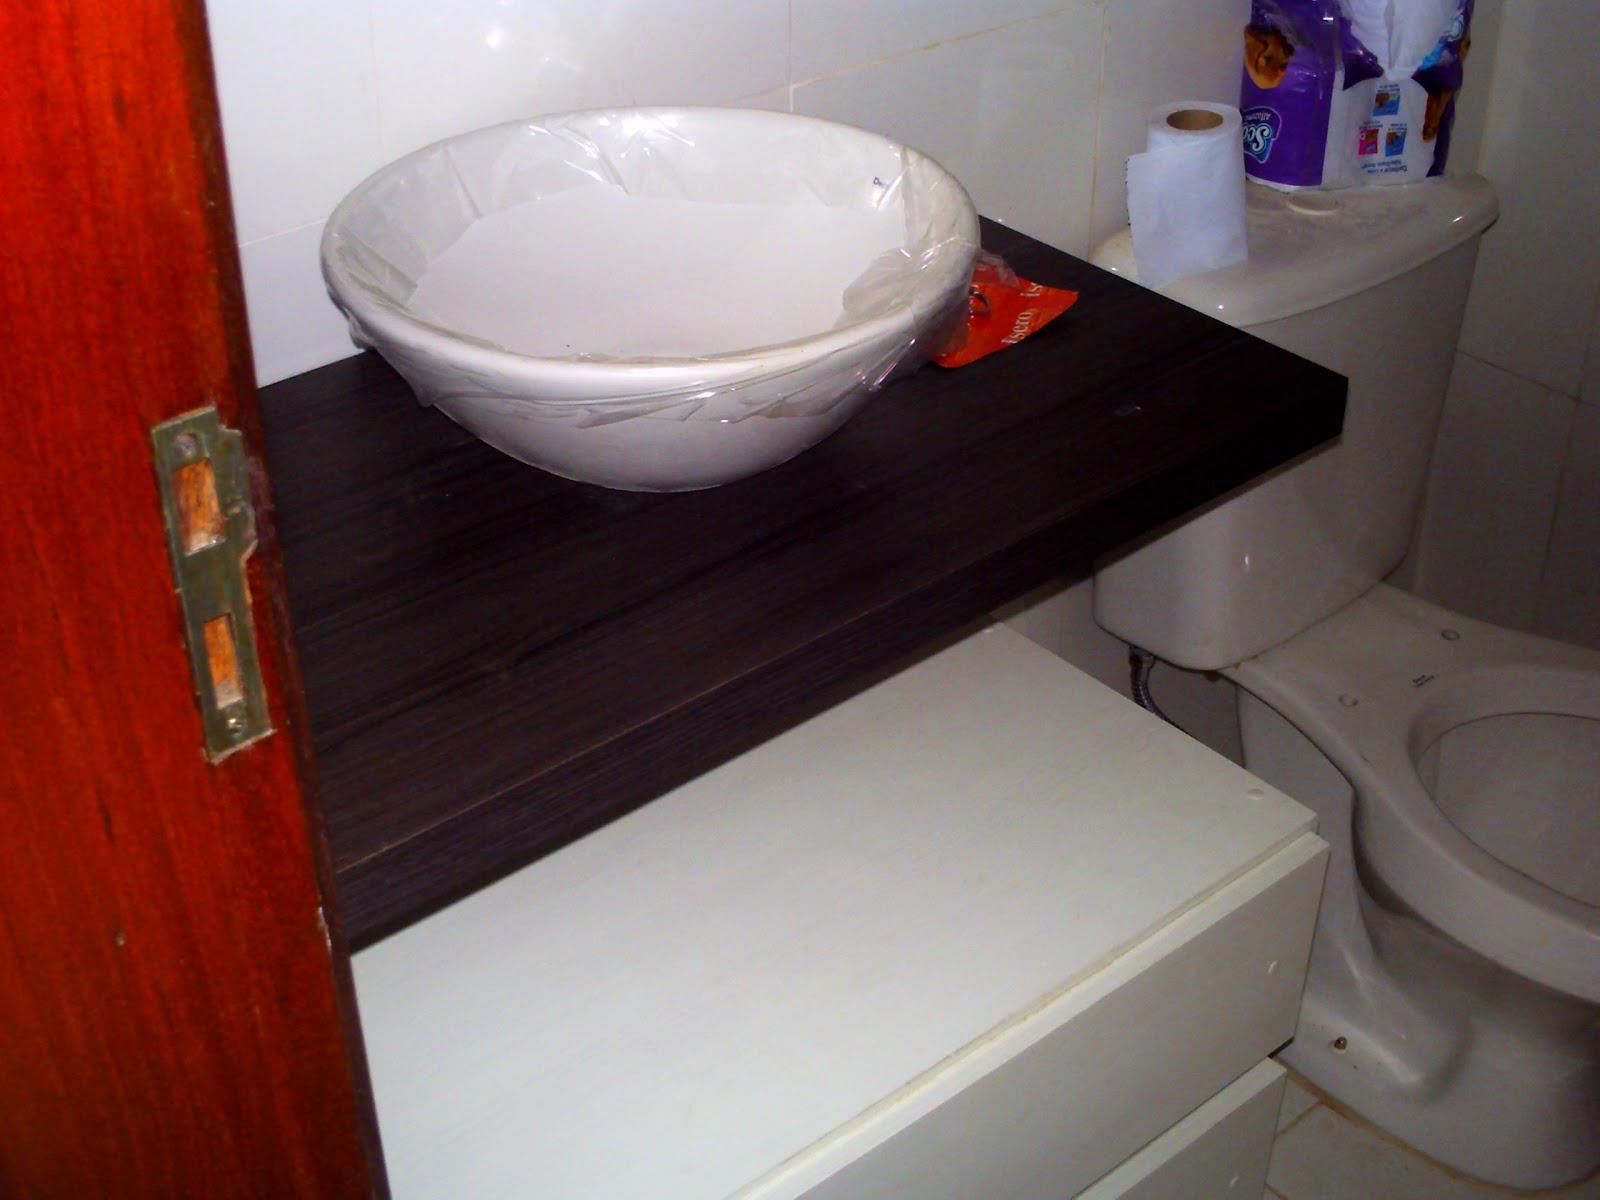 Móveis Alencastro: Armário de Banheiro #BF1700 1600x1200 Armario No Banheiro